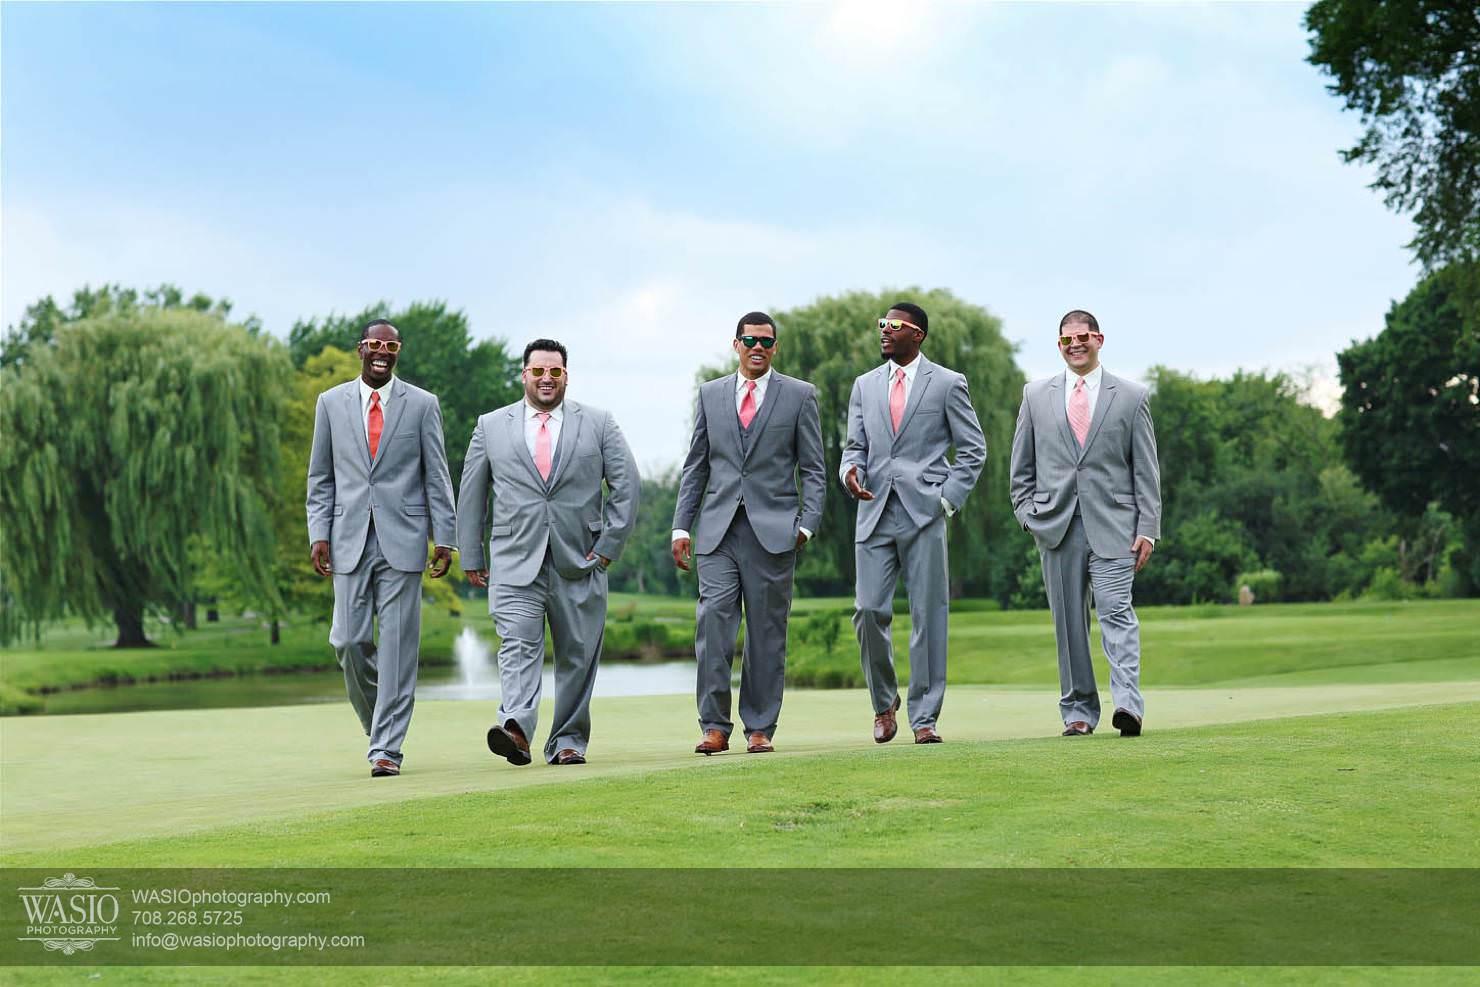 wedding-groomsman-grey-summer-golf-club-lought Chevy Chase Country Club Wedding - Elizabeth & Michael